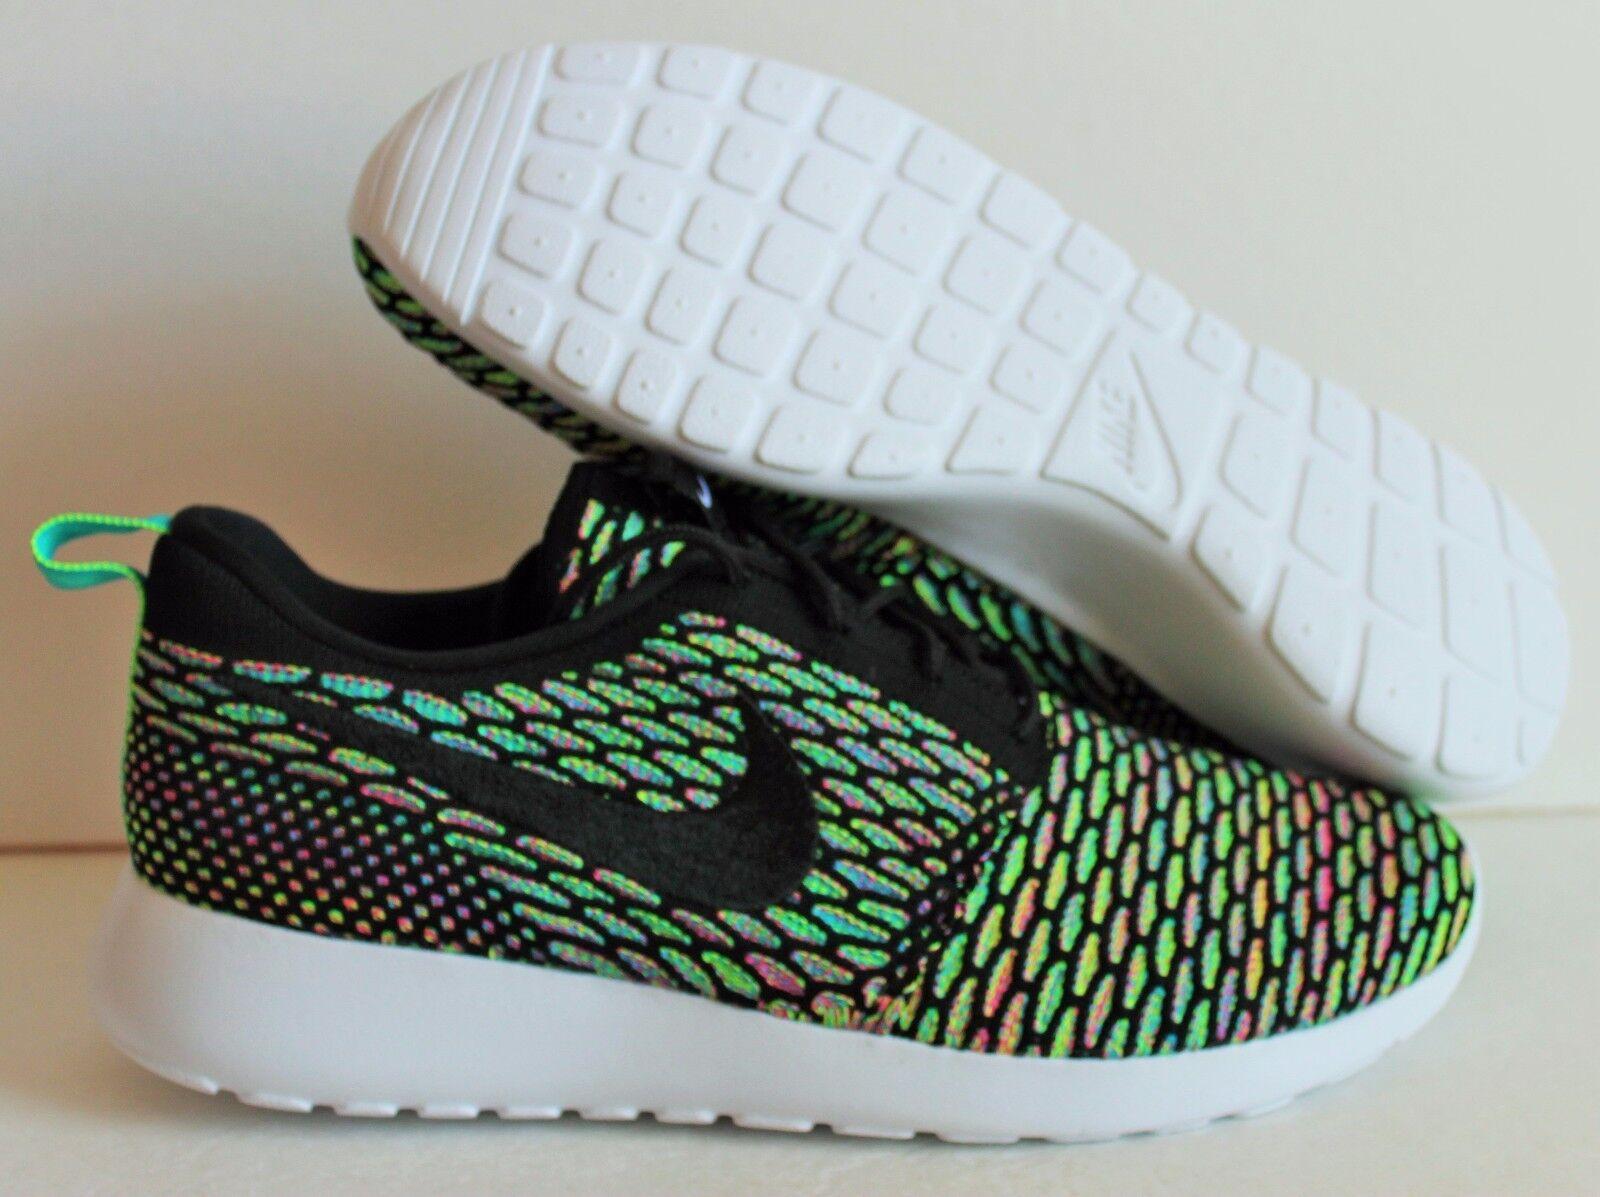 Nike FLYKNIT [718293993] ROSHERUN ID Multi Color [718293993] FLYKNIT 4ede23